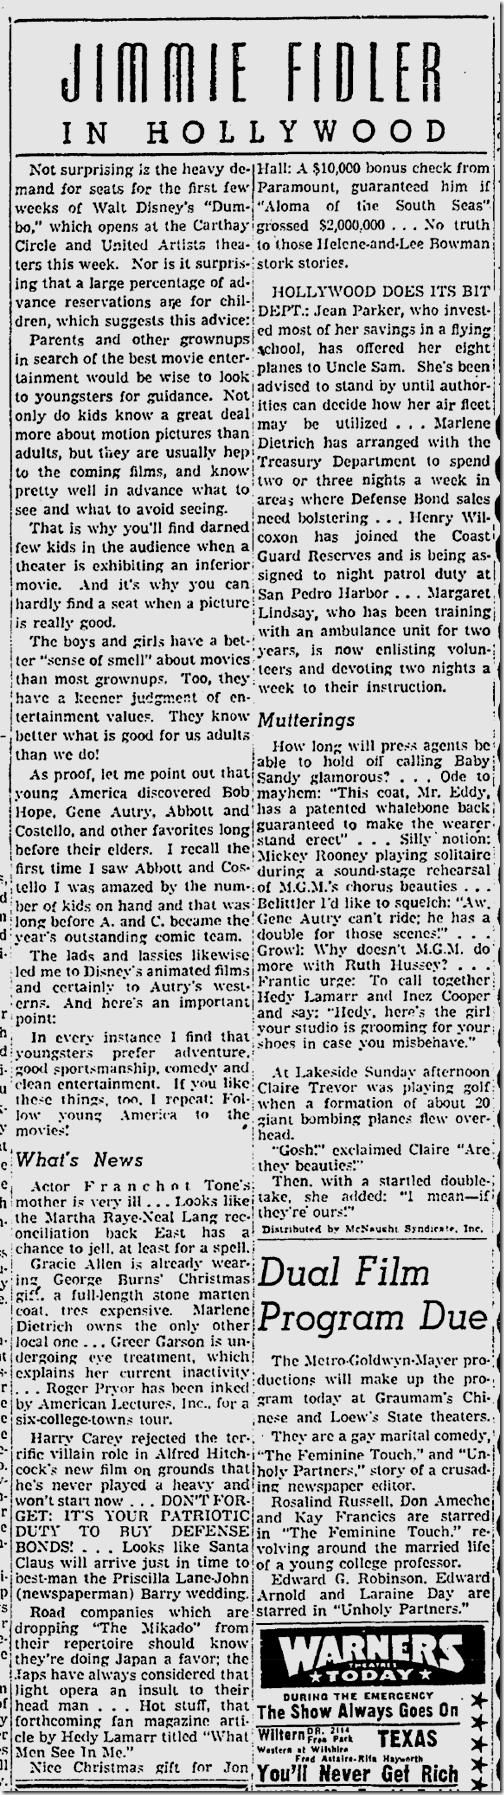 Dec. 18, 1941, Jimmie Fidler